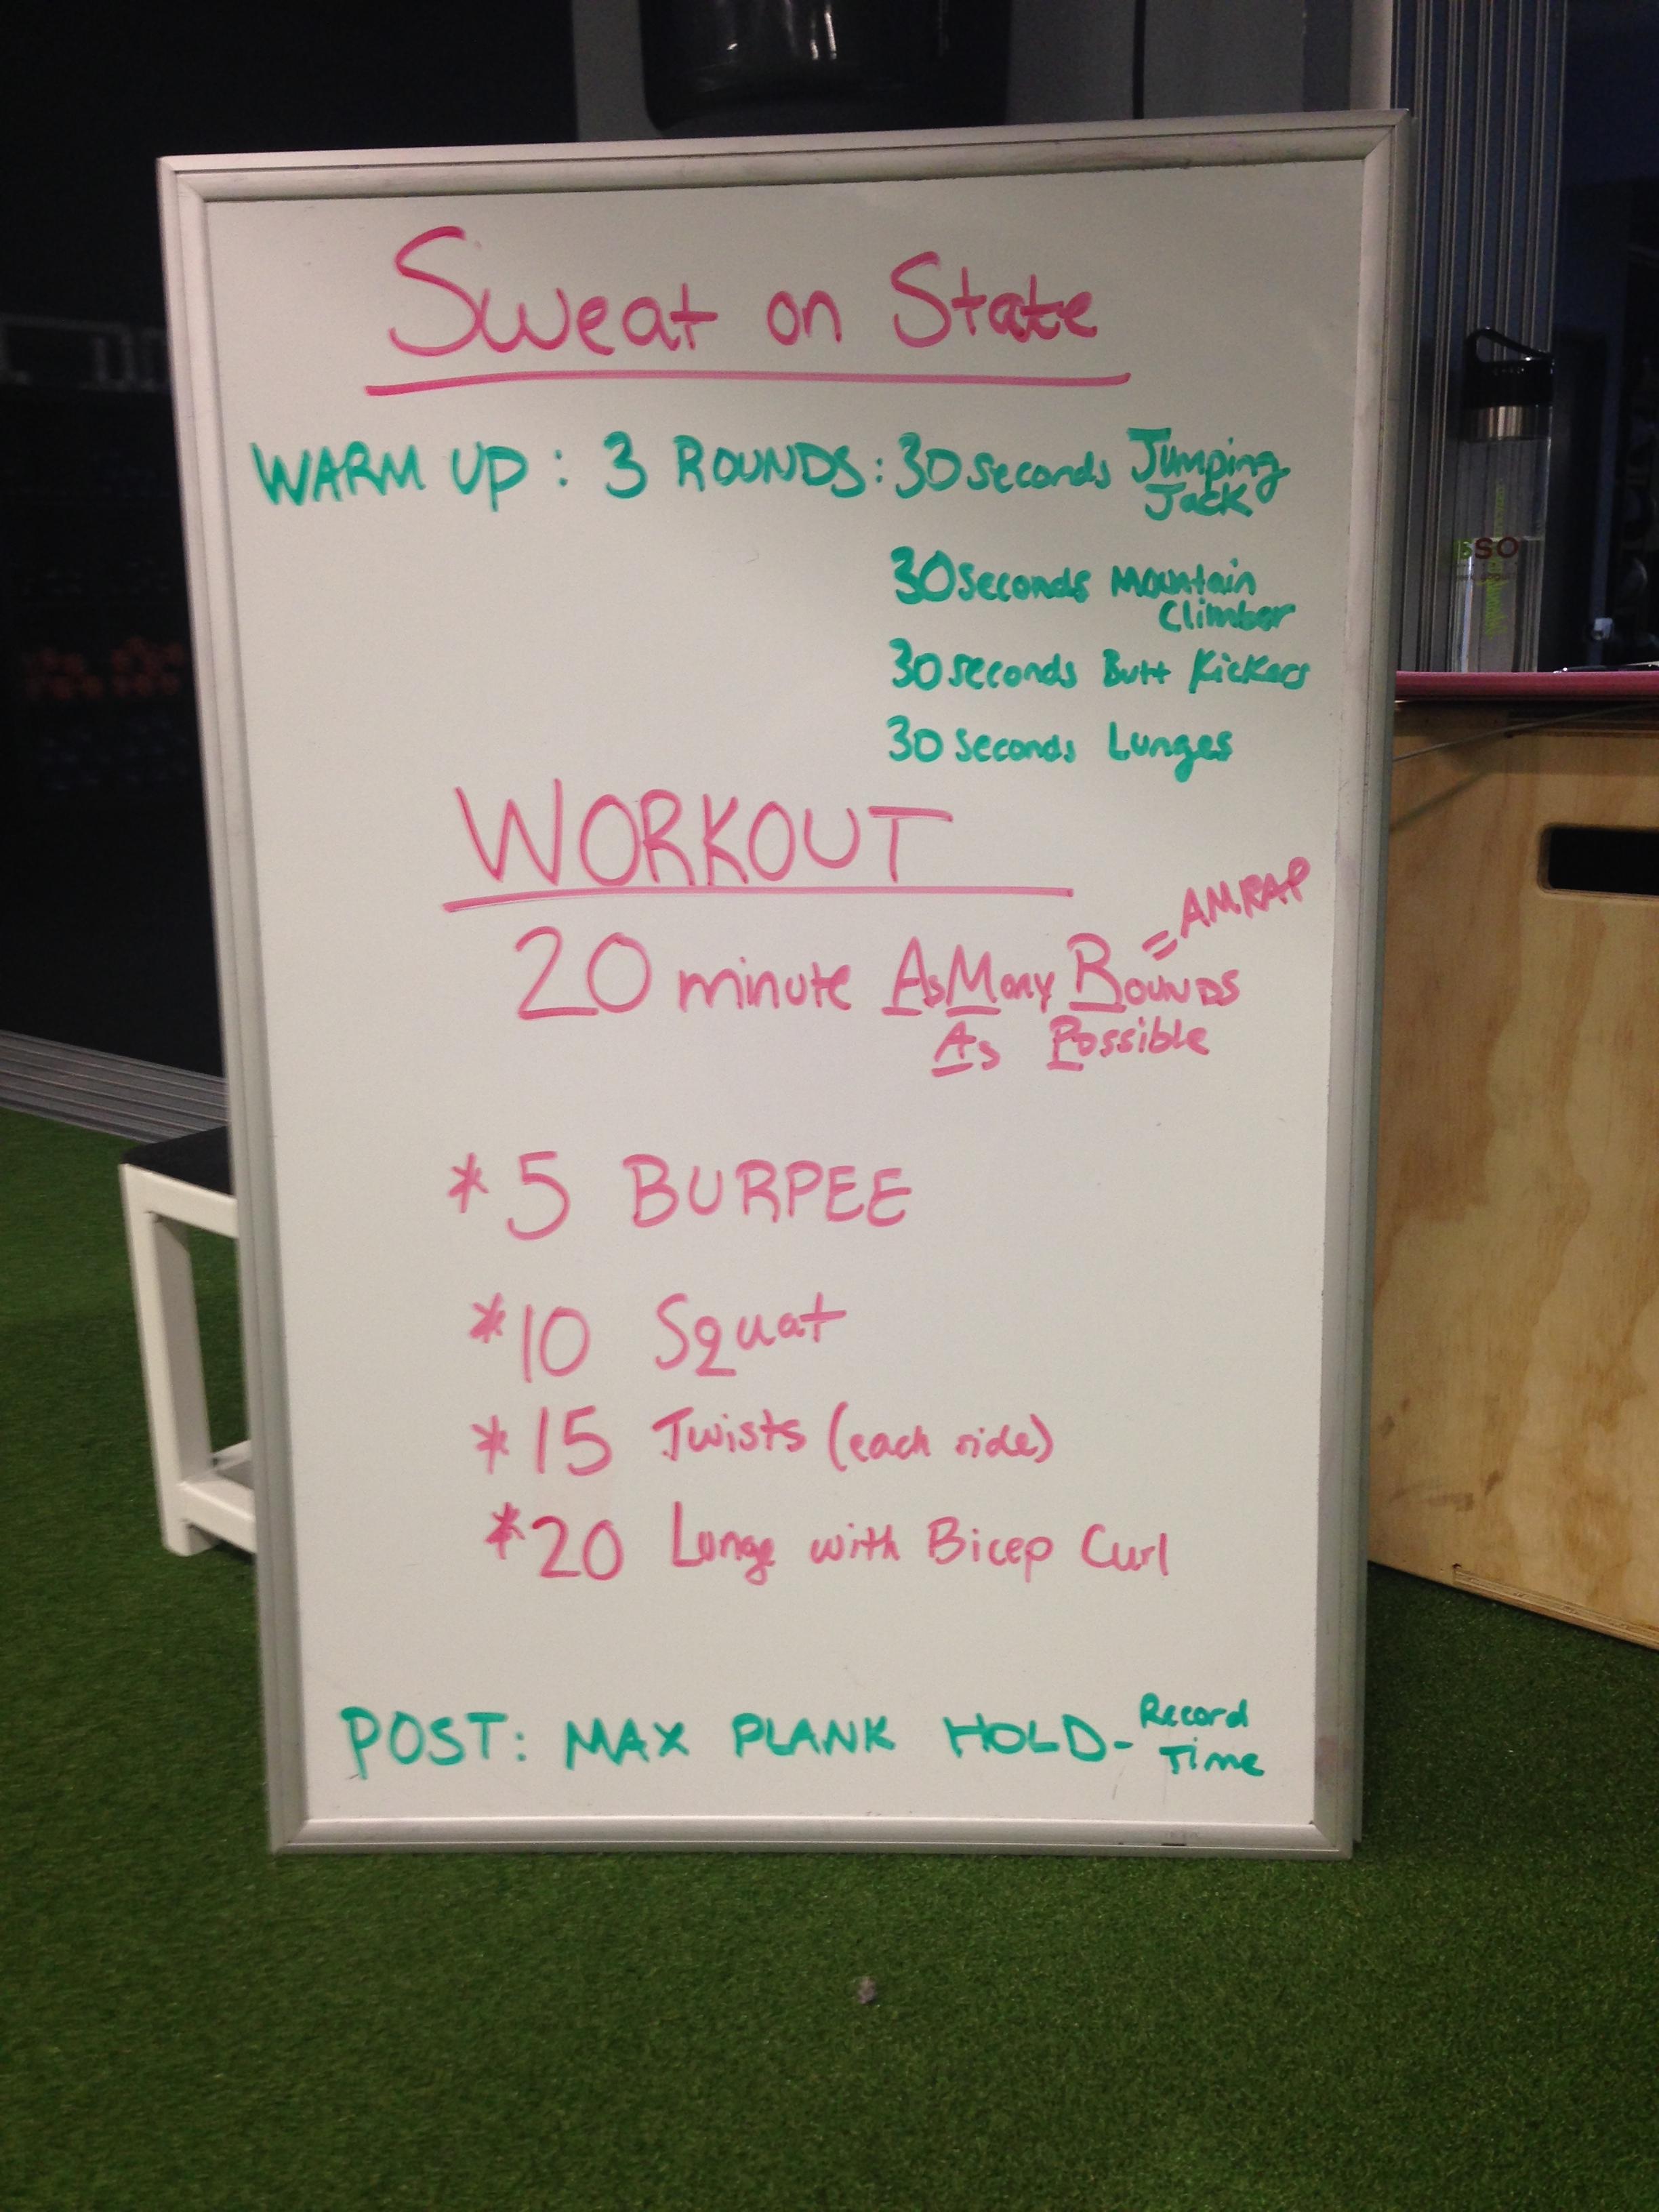 Sweat on State workout